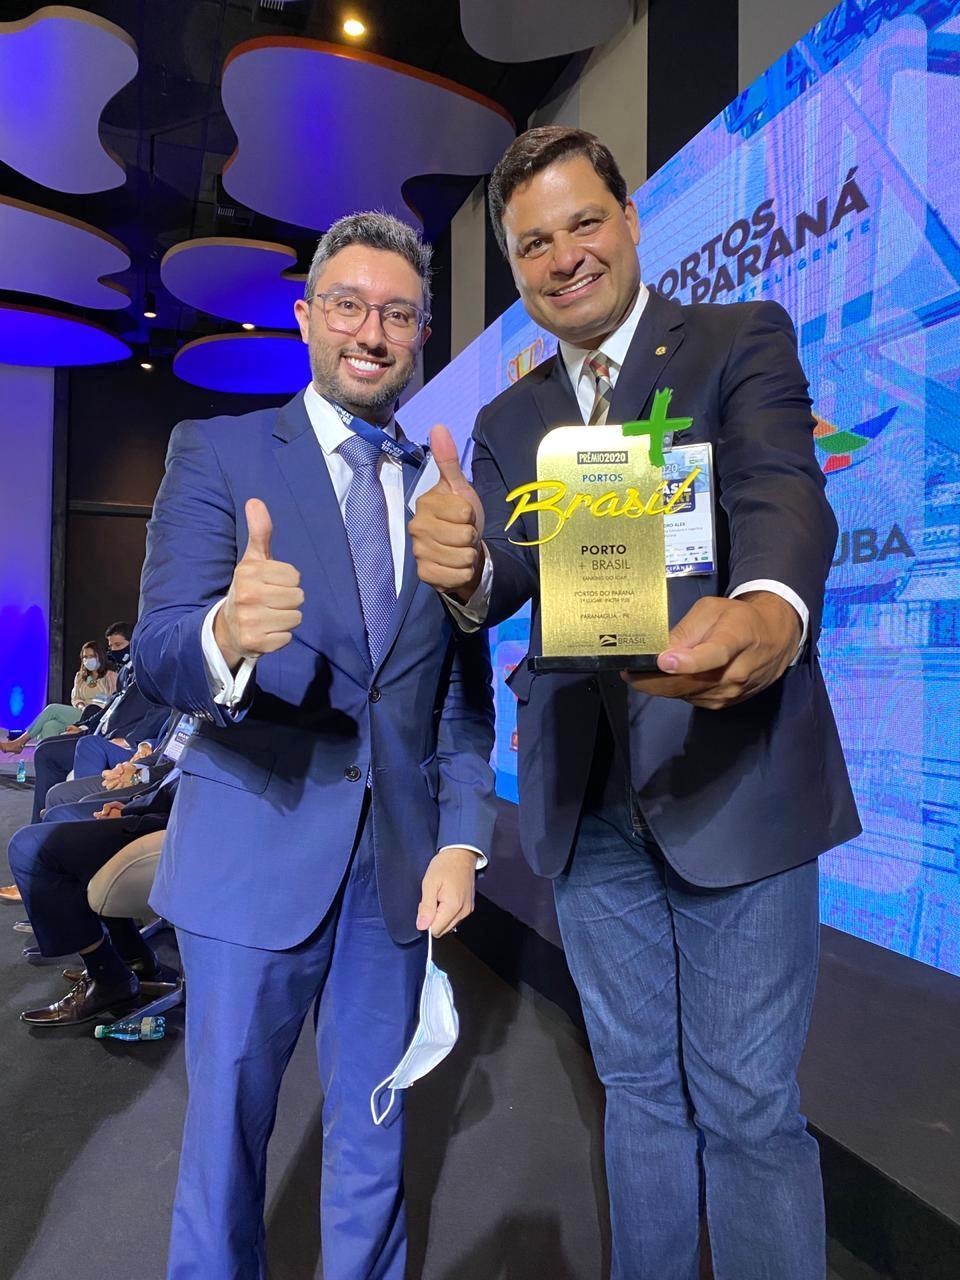 Portos do Paraná lidera premiação de melhores do Brasil